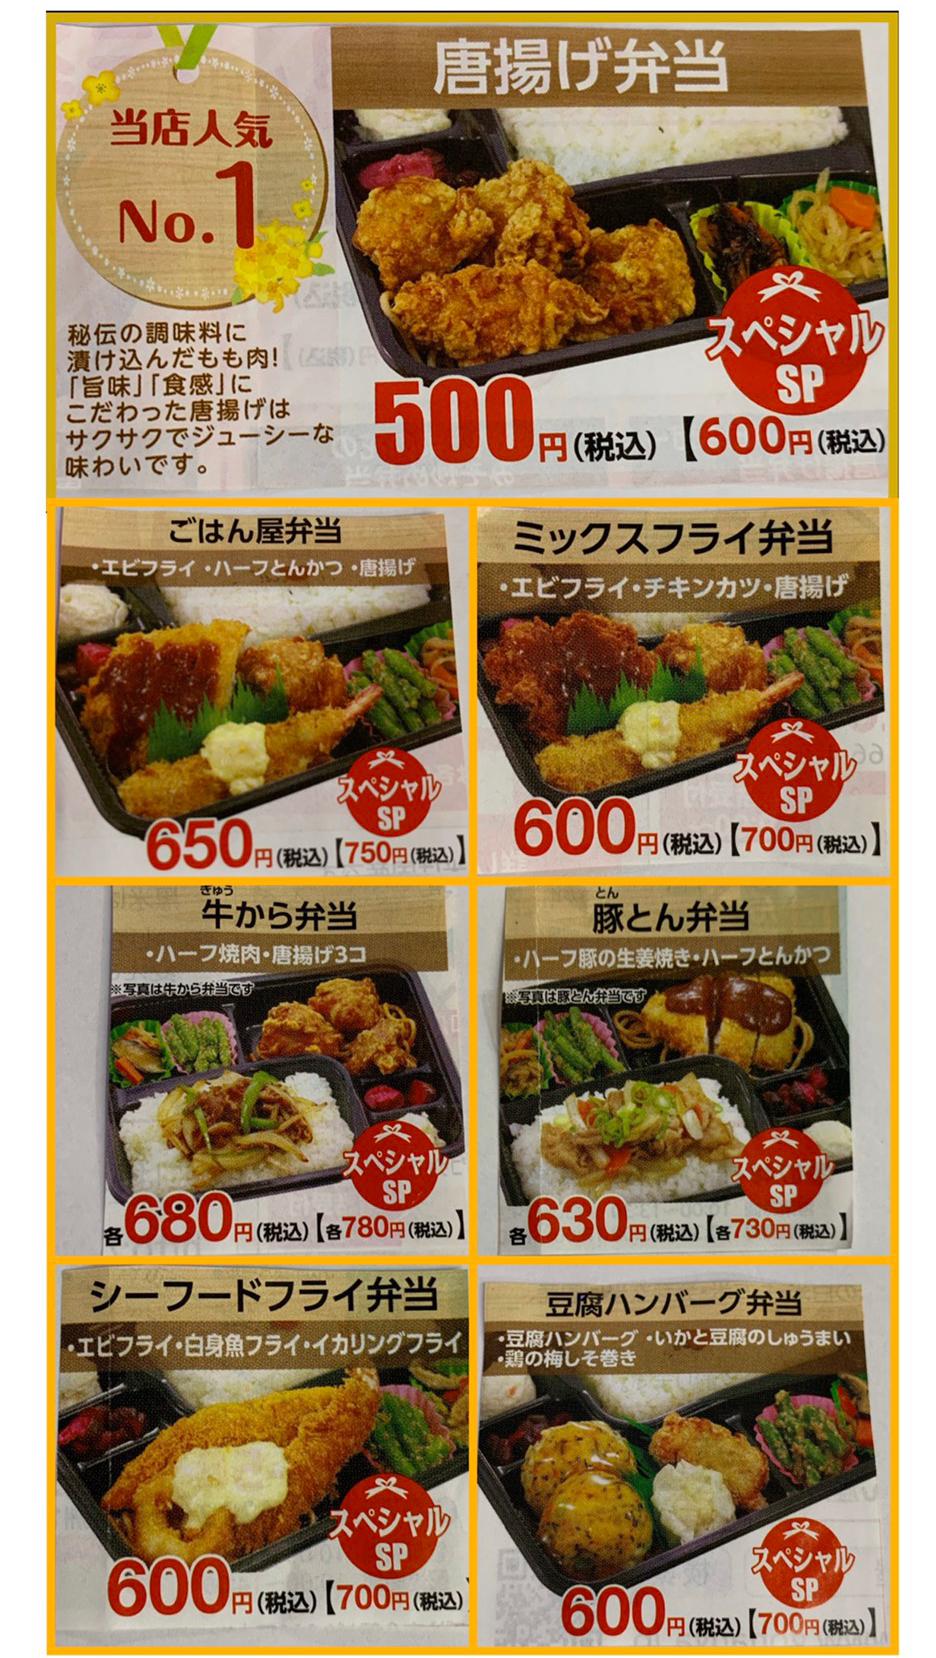 「ごはん屋 城陽店」料理画像